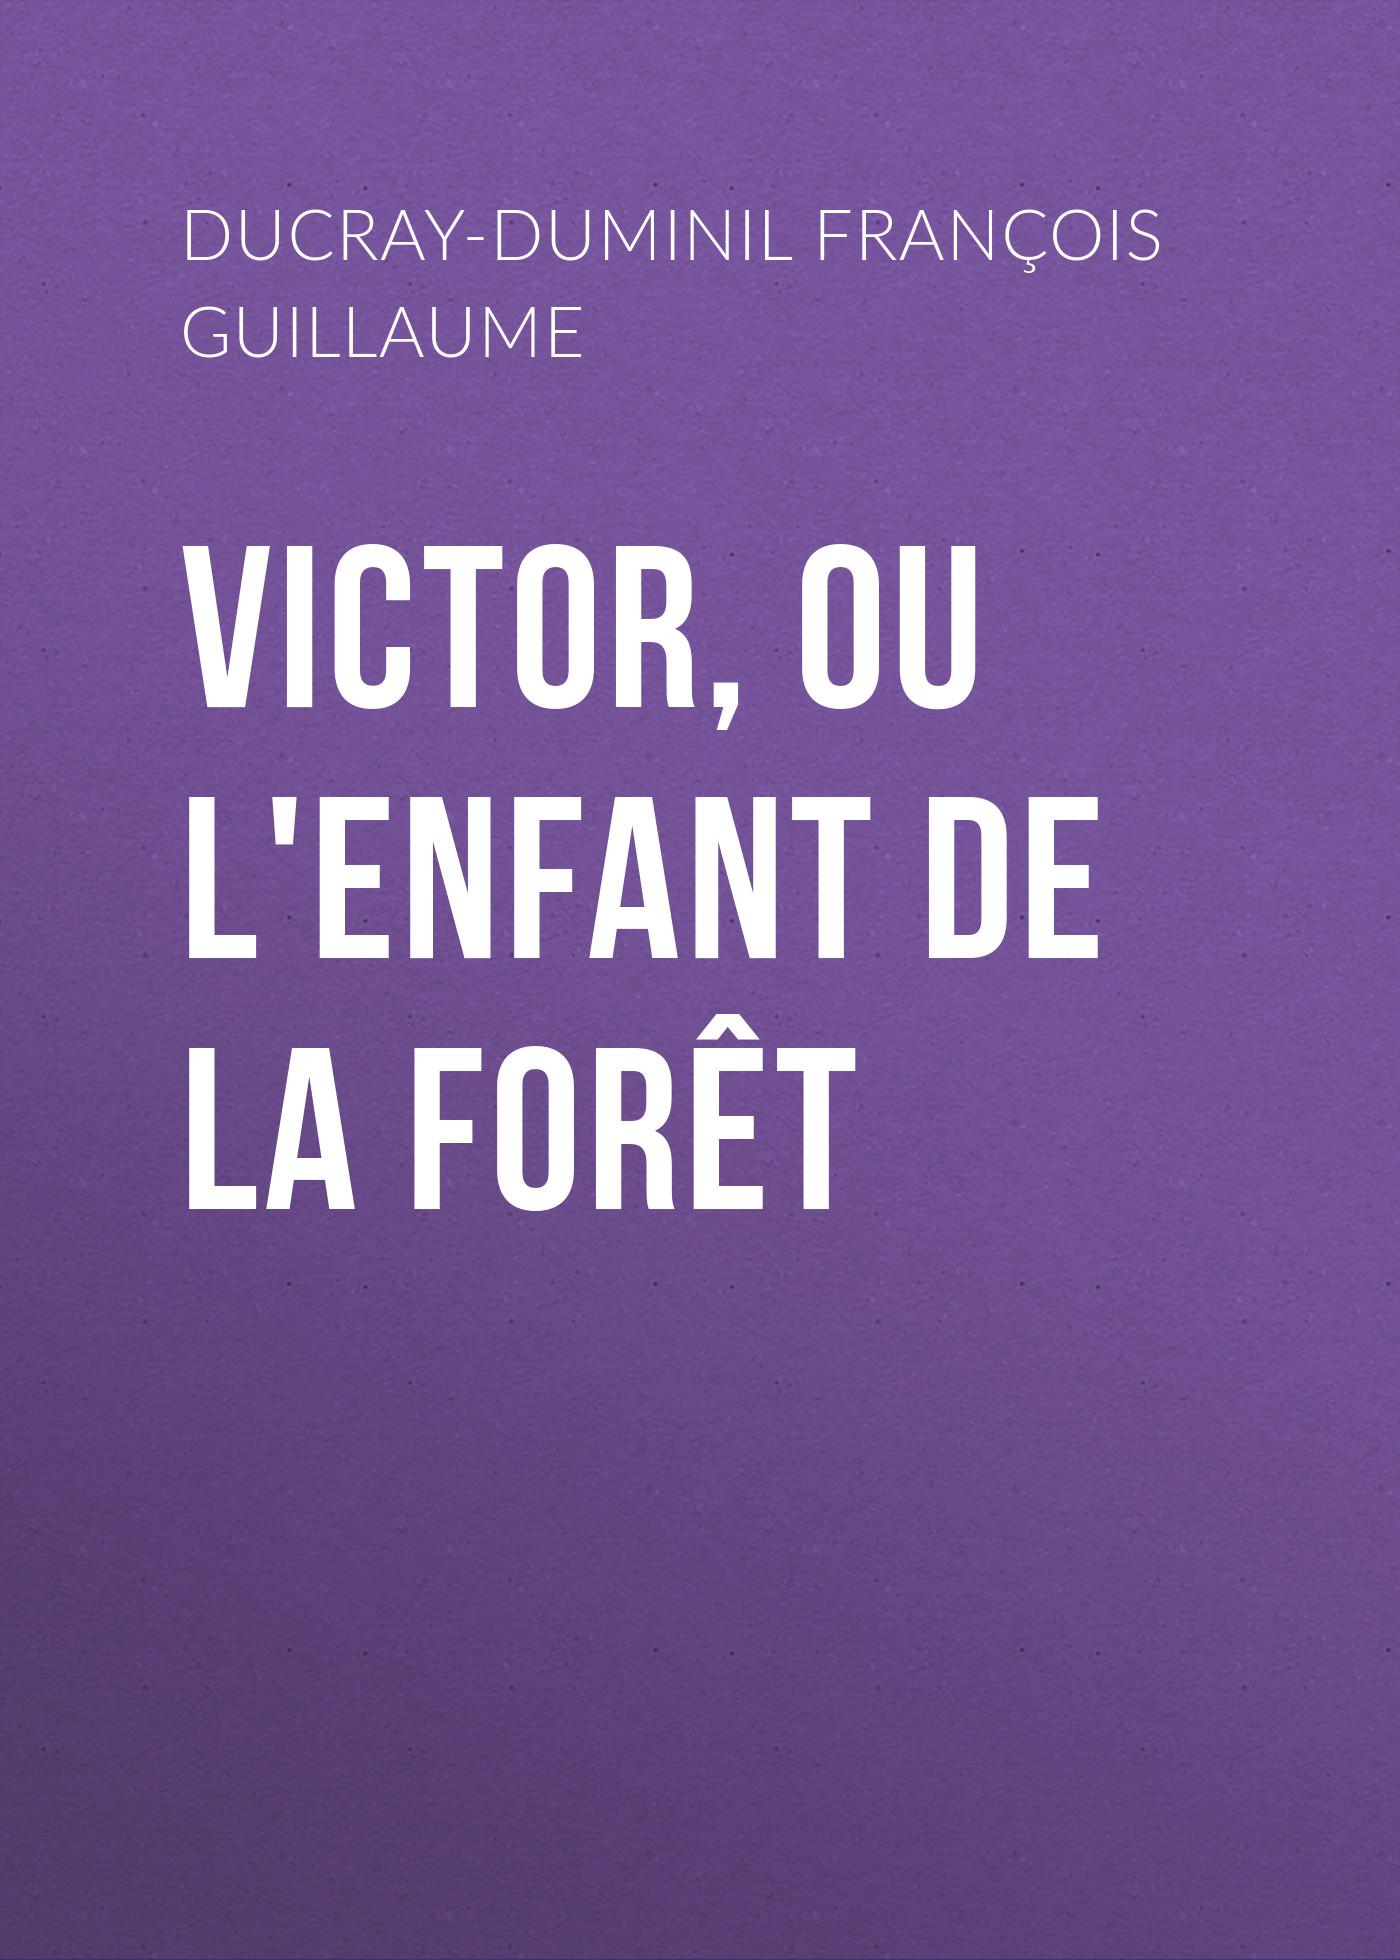 Ducray-Duminil François Guillaume Victor, ou L'enfant de la forêt ammeter multitester 2000 counts resistance capacitance inductance temperature victor digital multimeter vc9805a